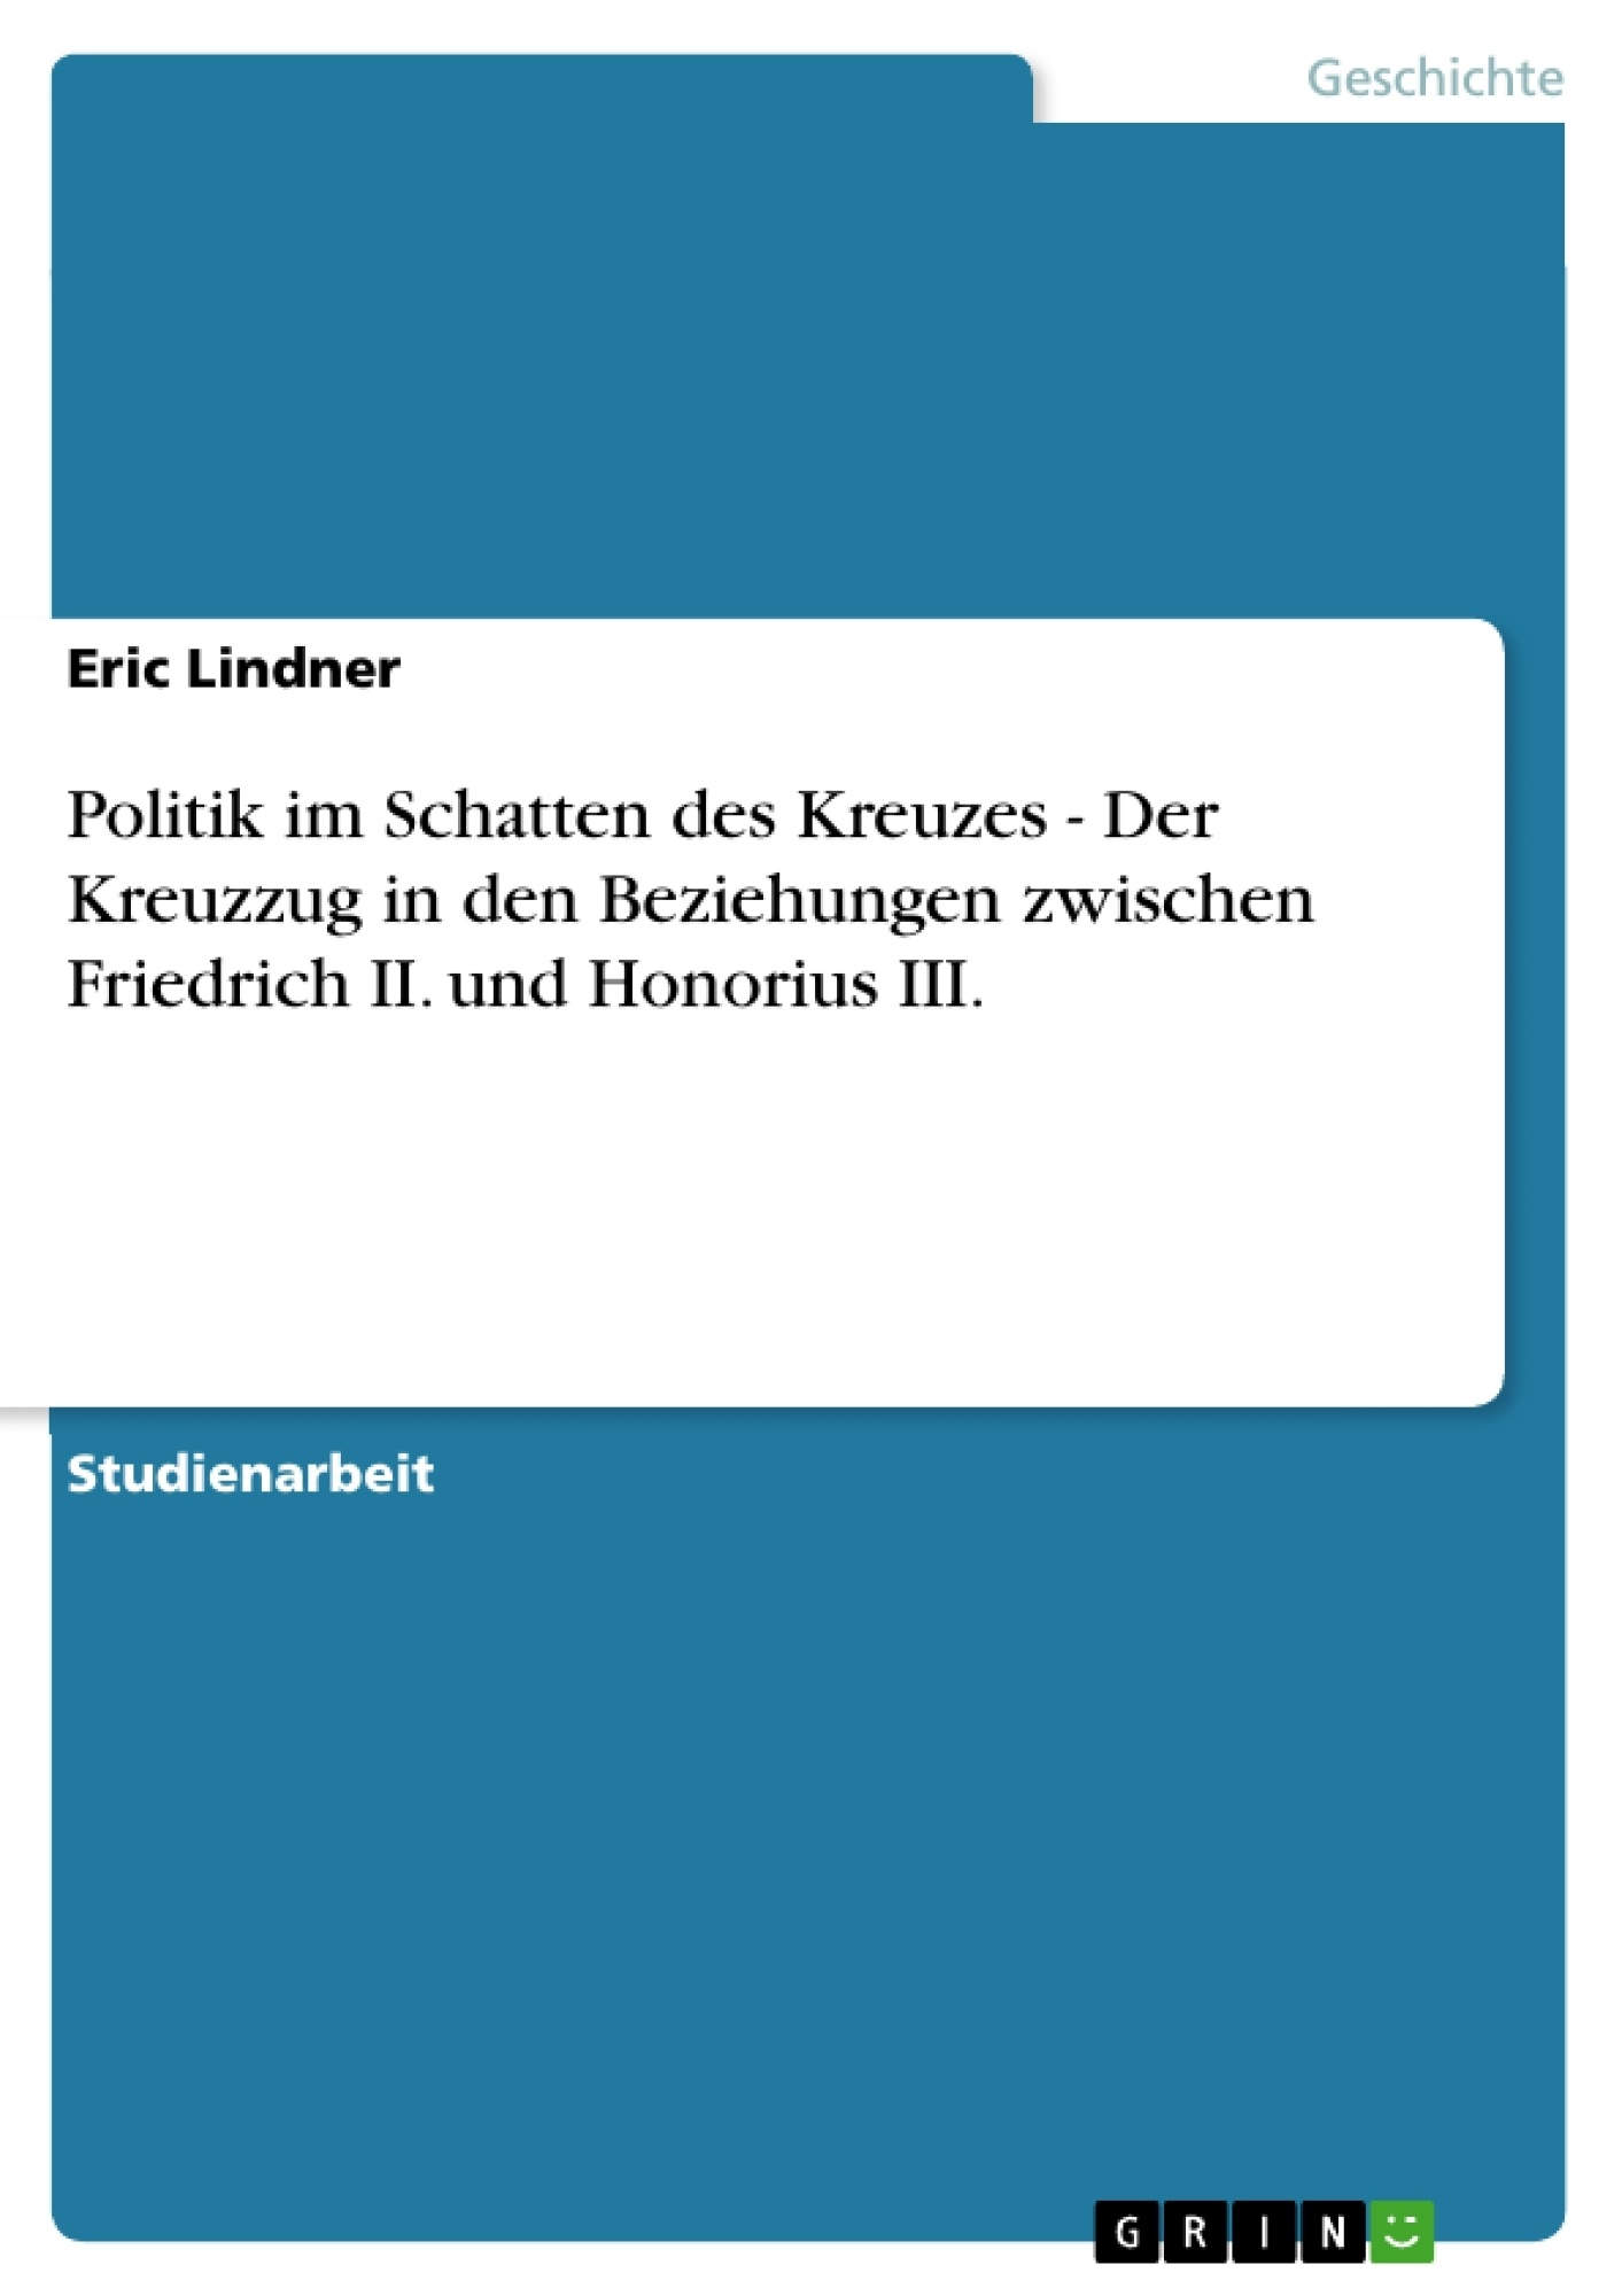 Titel: Politik im Schatten des Kreuzes - Der Kreuzzug in den Beziehungen zwischen Friedrich II. und Honorius III.